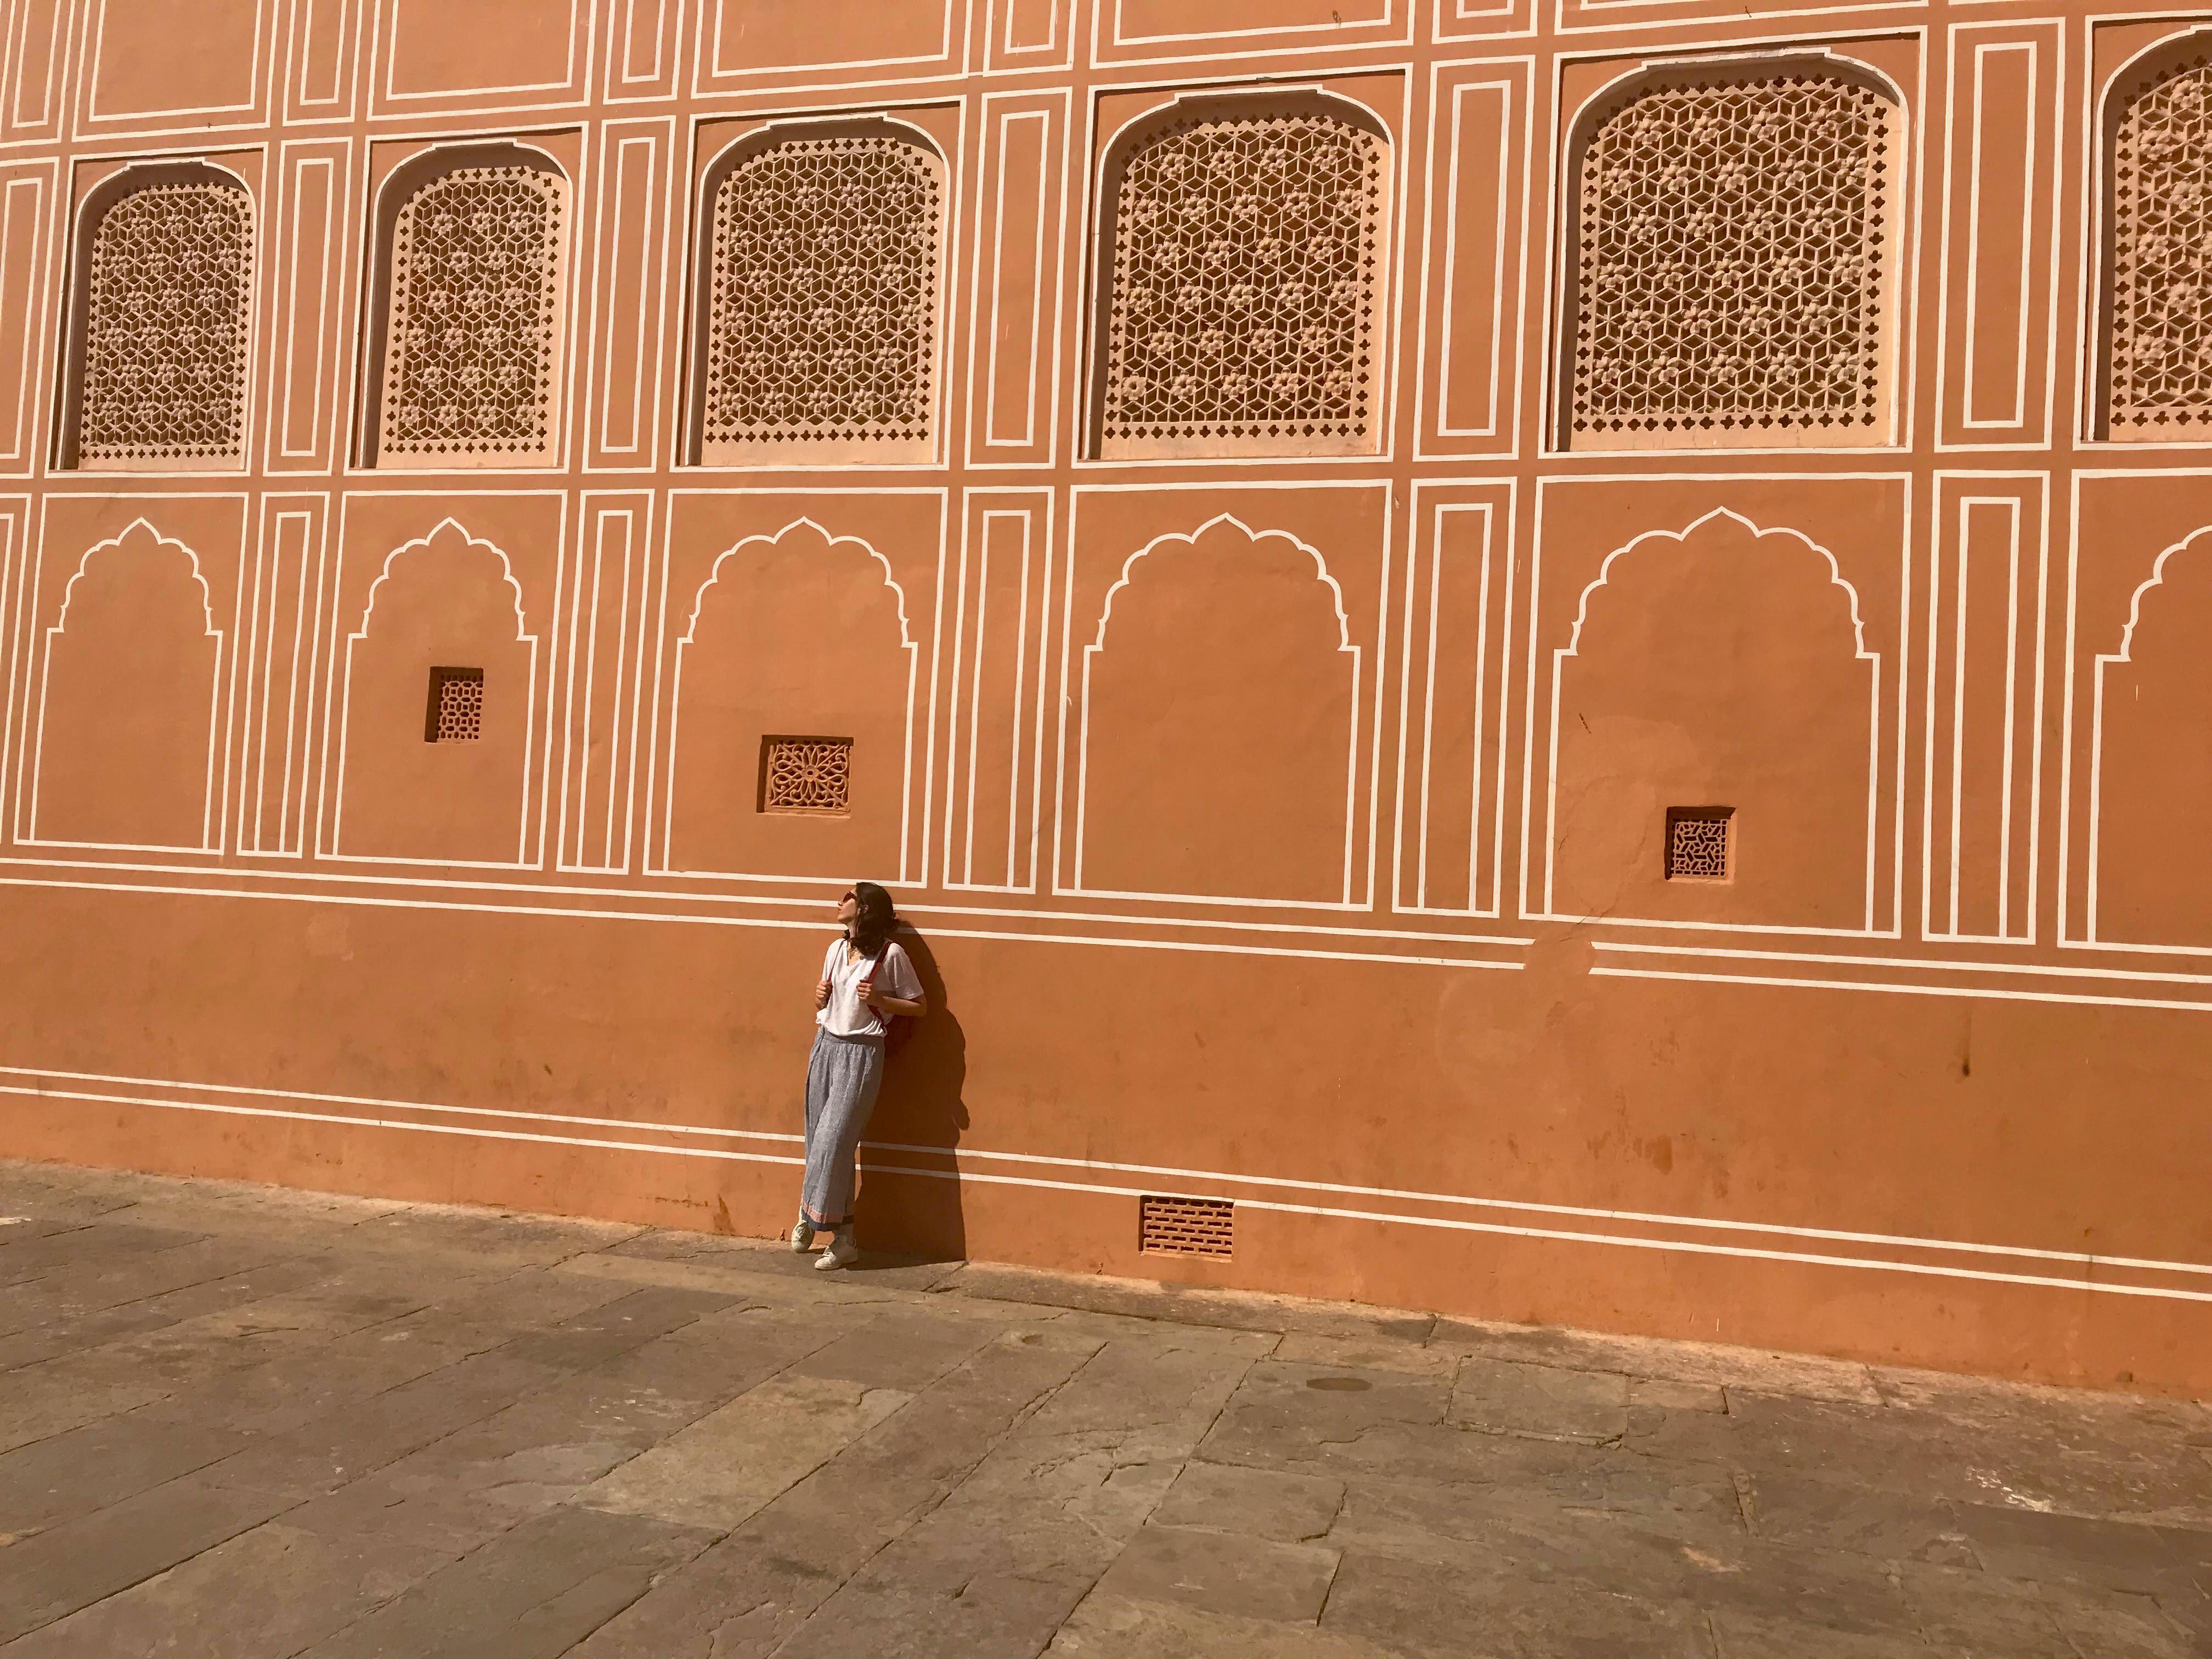 hindistan gezilecek yerler ve gezi rehberi